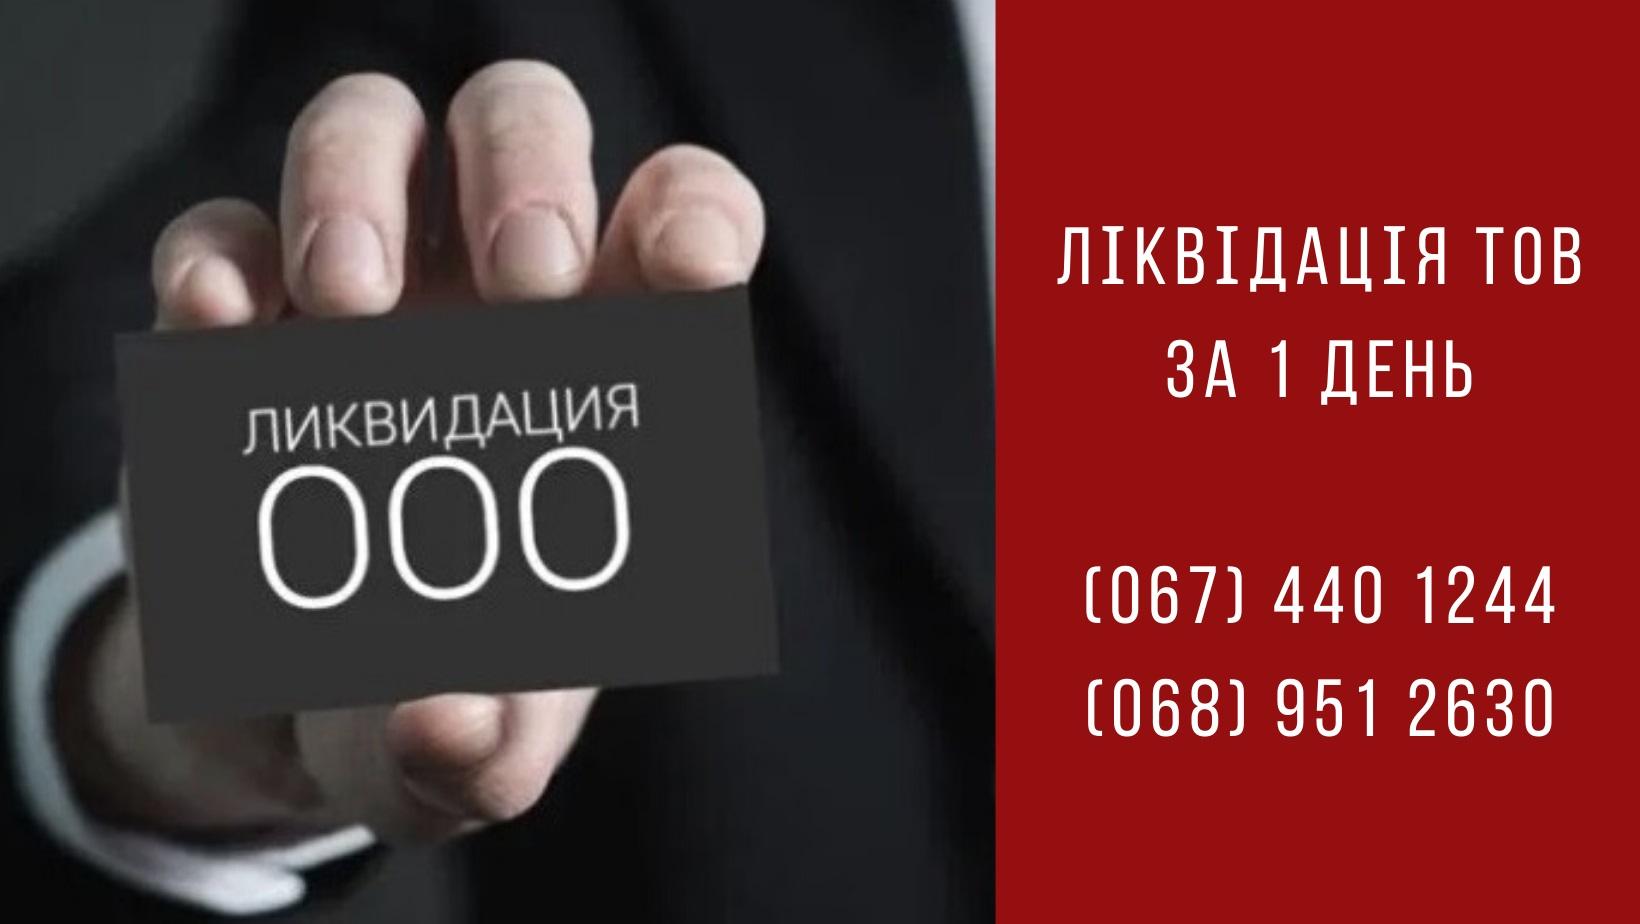 Експрес-ліквідація ТОВ у Києві